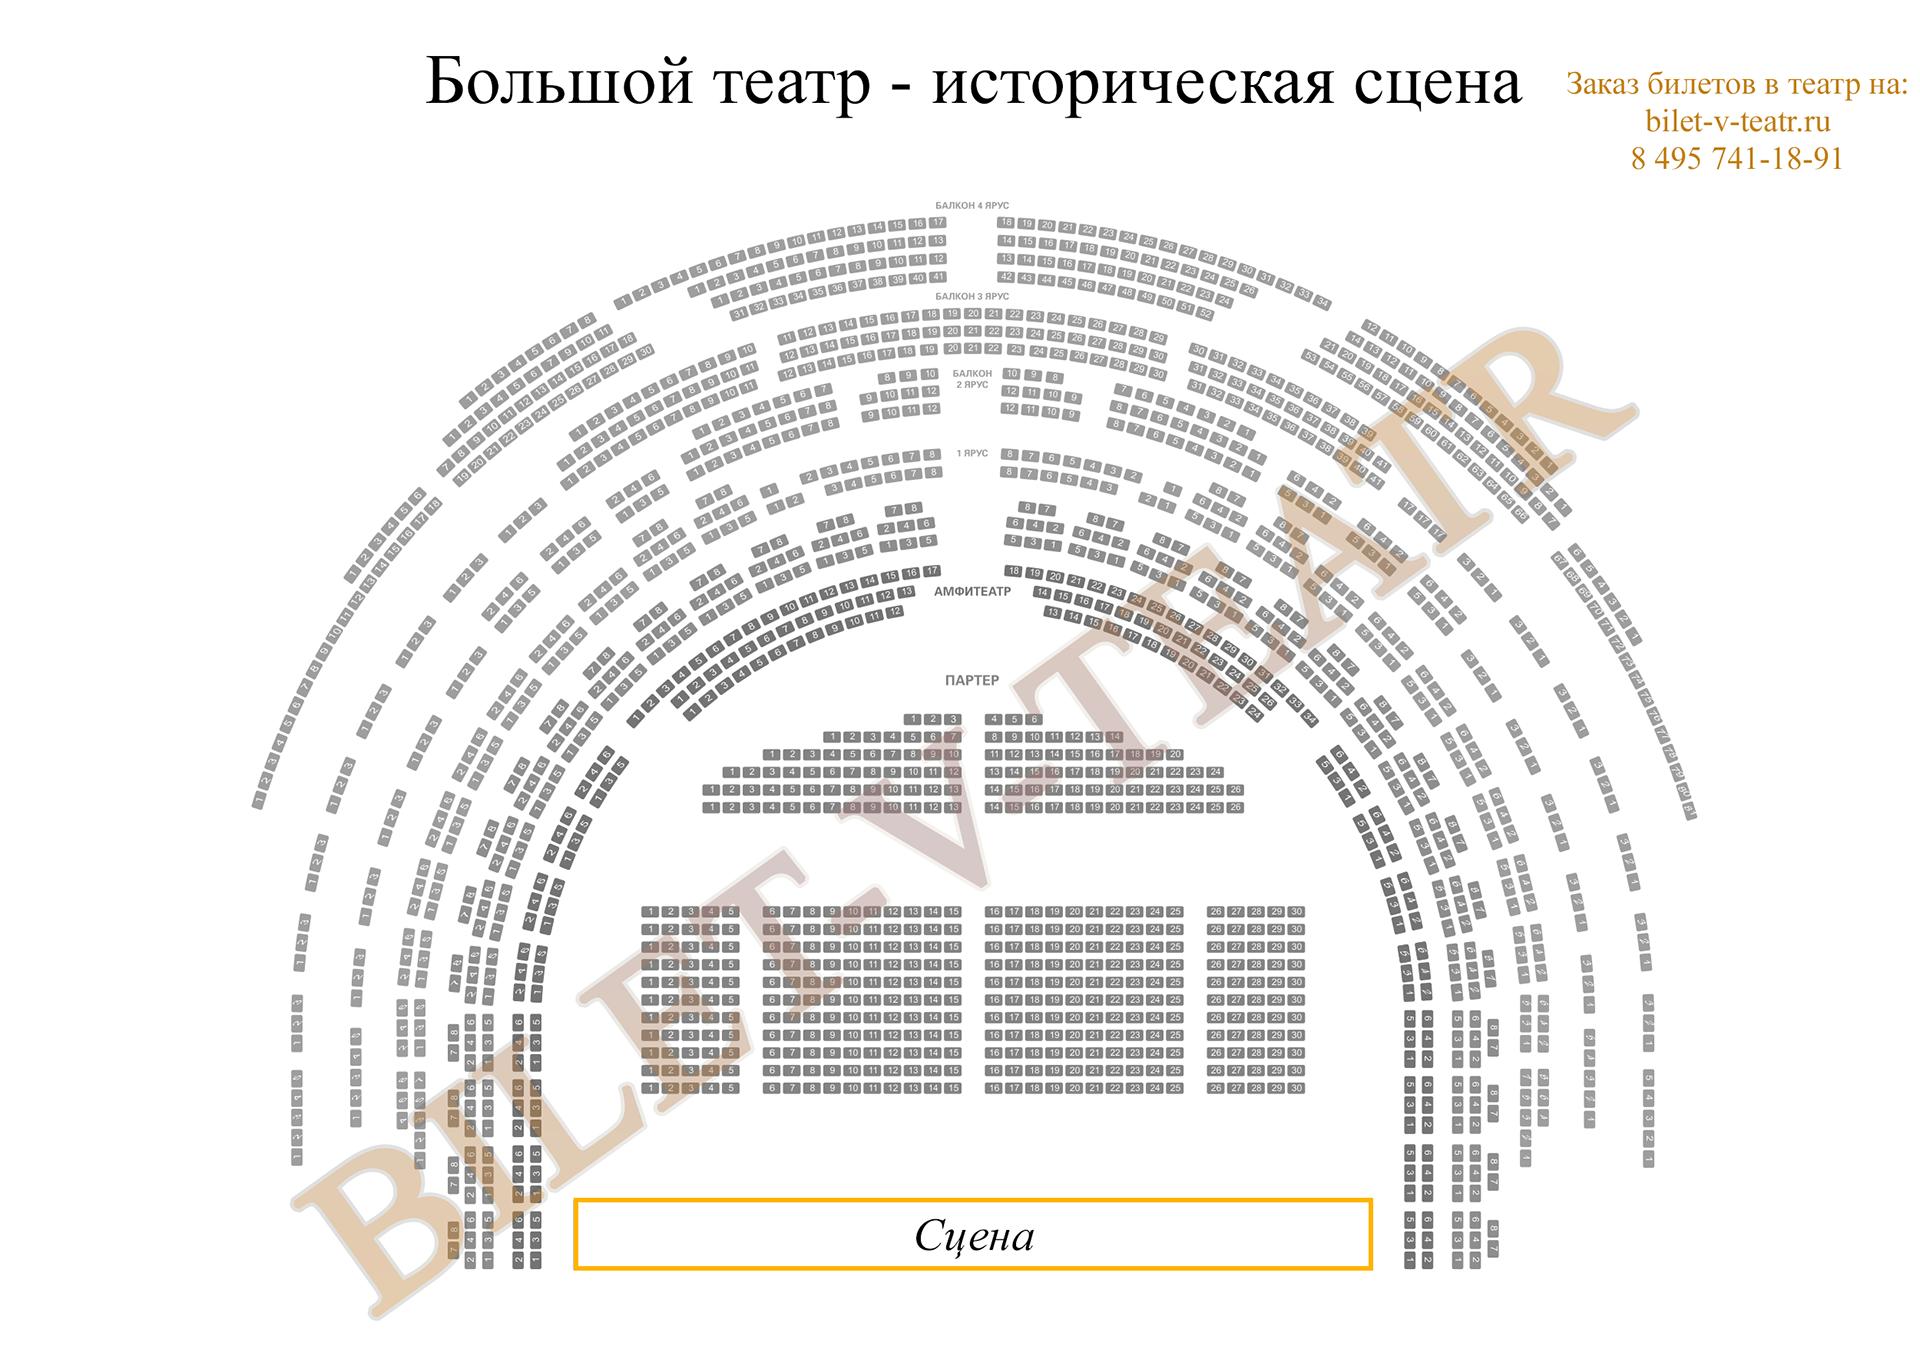 Большой театр официальный сайт схема зала